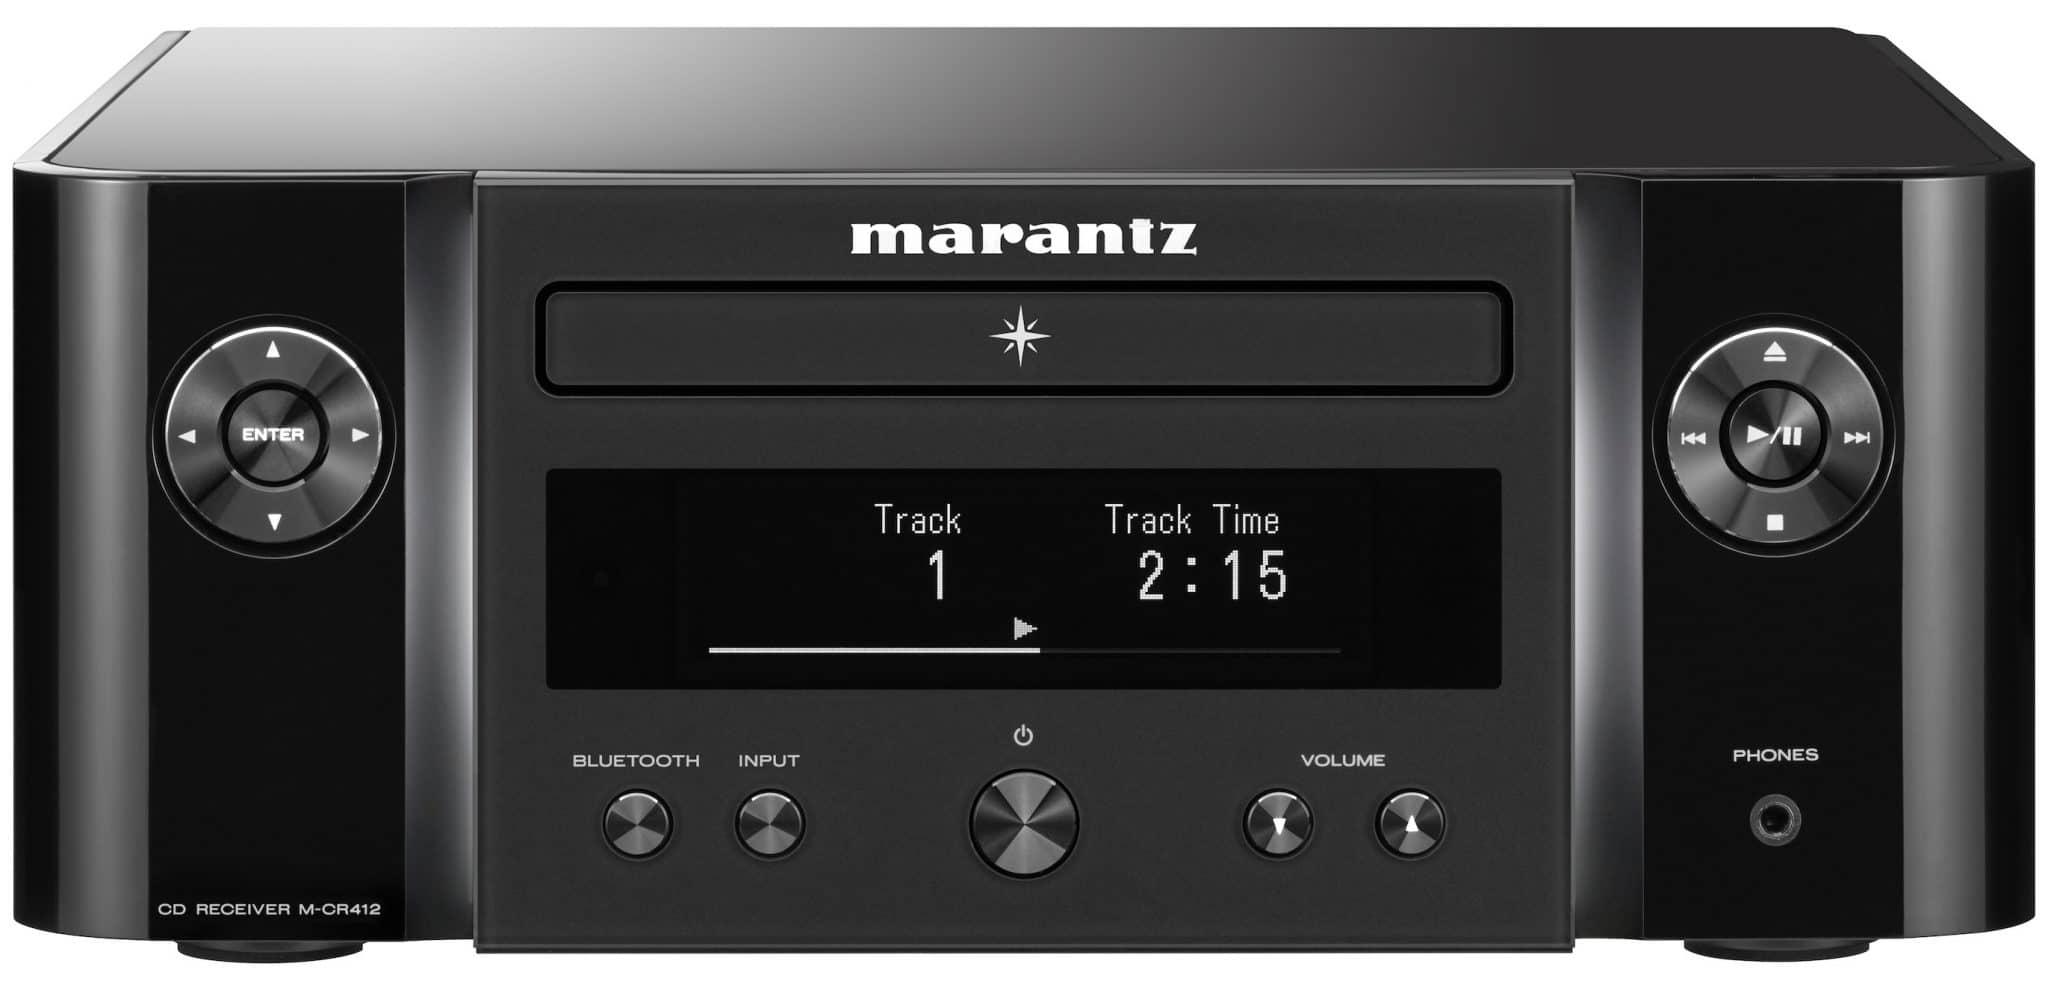 Melody M-CR412 From Marantz